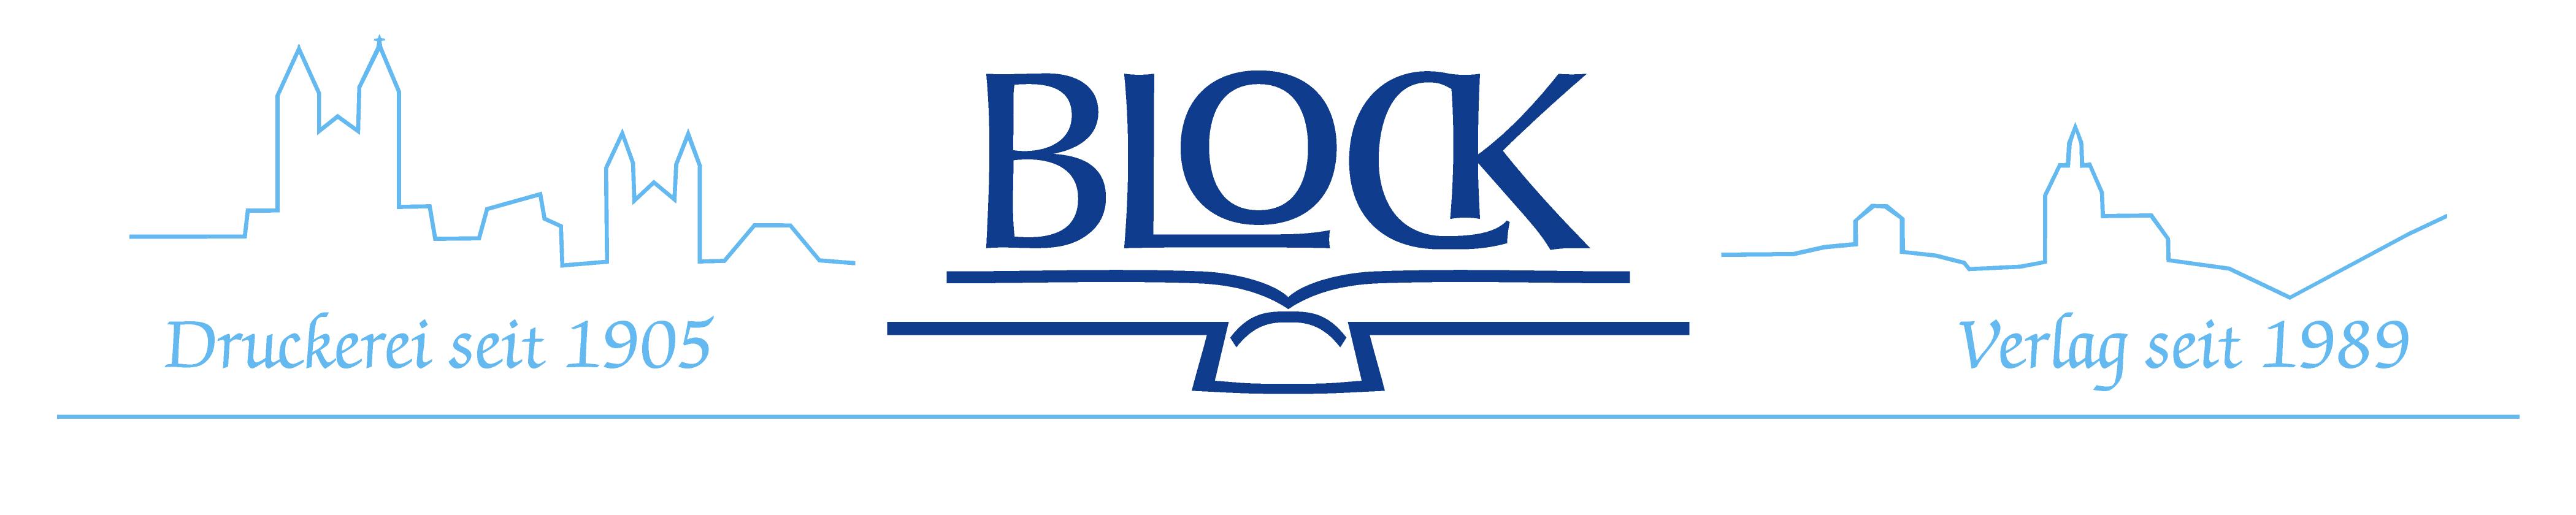 Block Verlag